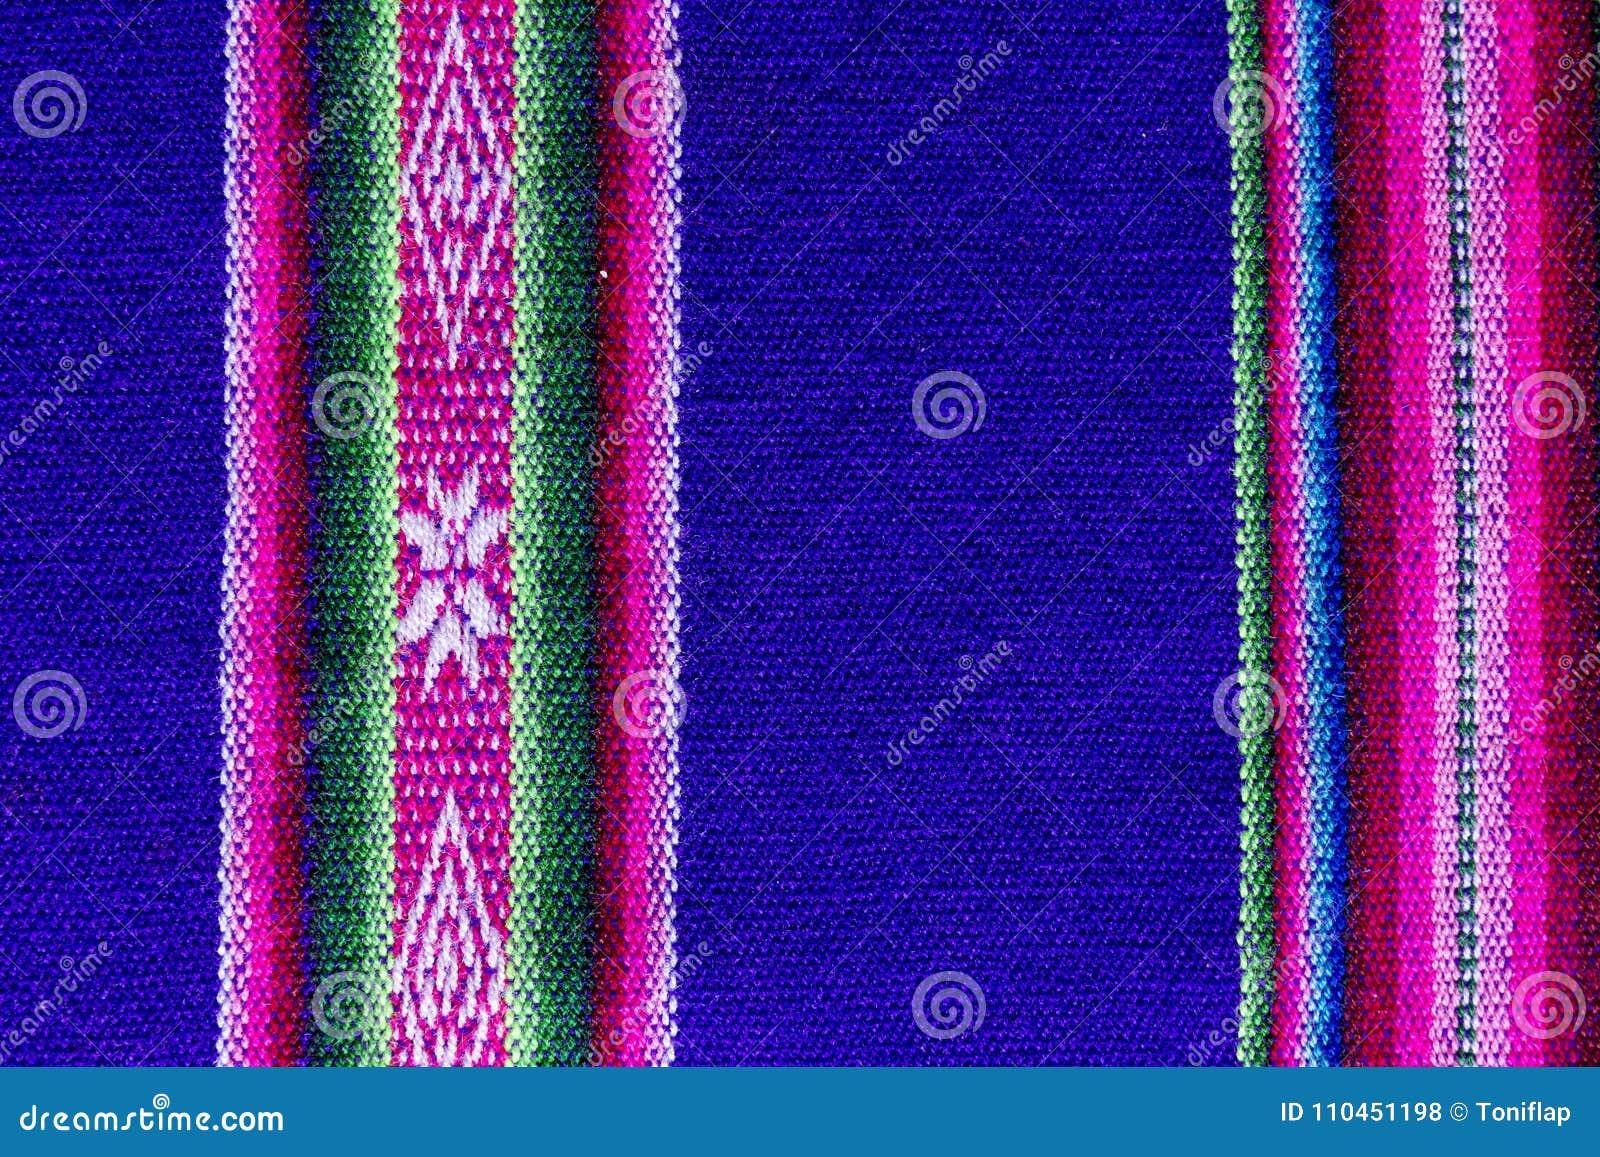 Andean textil i alpaca- och arkull